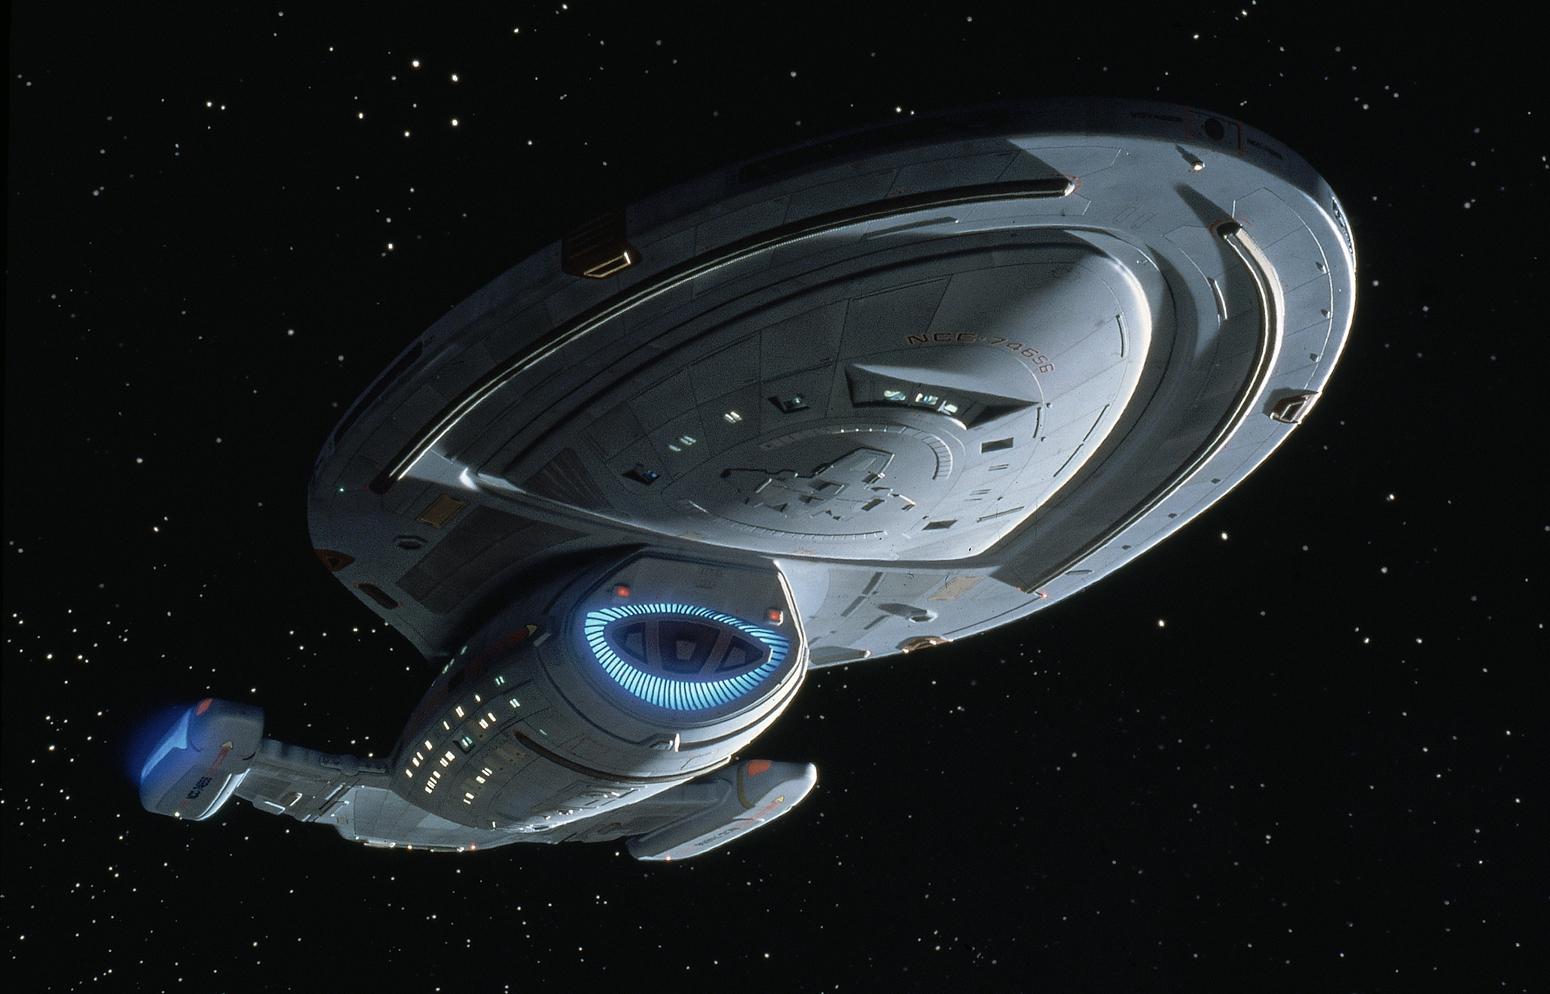 USSVoyager